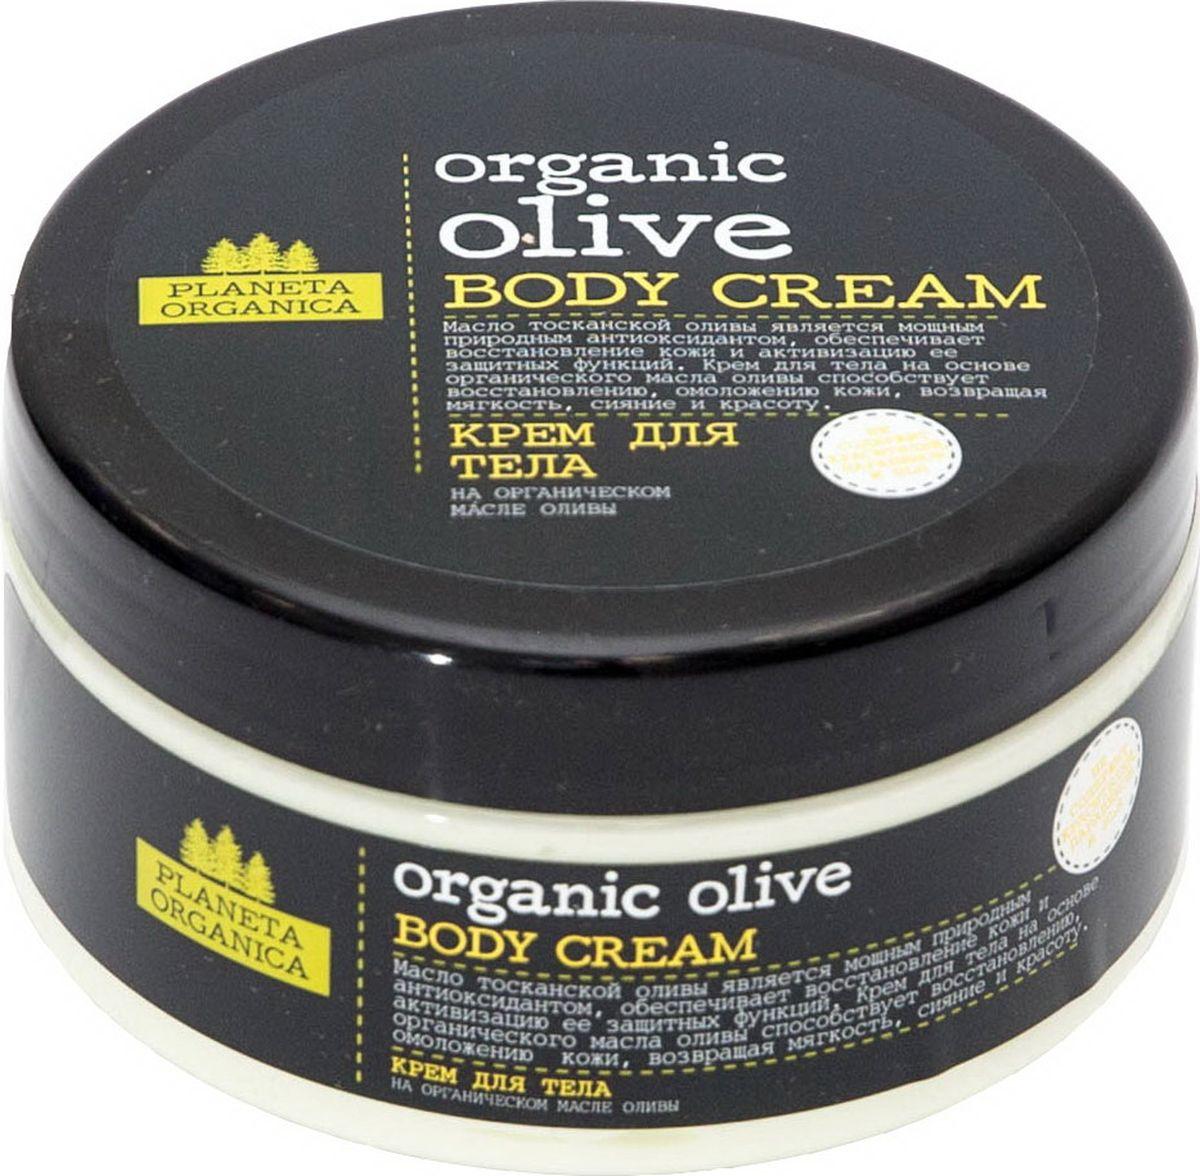 Planeta Organica крем для тела Органик Олива, 300 мл071-2-1318Нежный крем для тела на основе органического масла тосканской оливы, легко наносится и мгновенно впитывается. Глубоко увлажняет, делая кожу мягкой и сияющей, оставляя на ней тонкий свежий аромат.